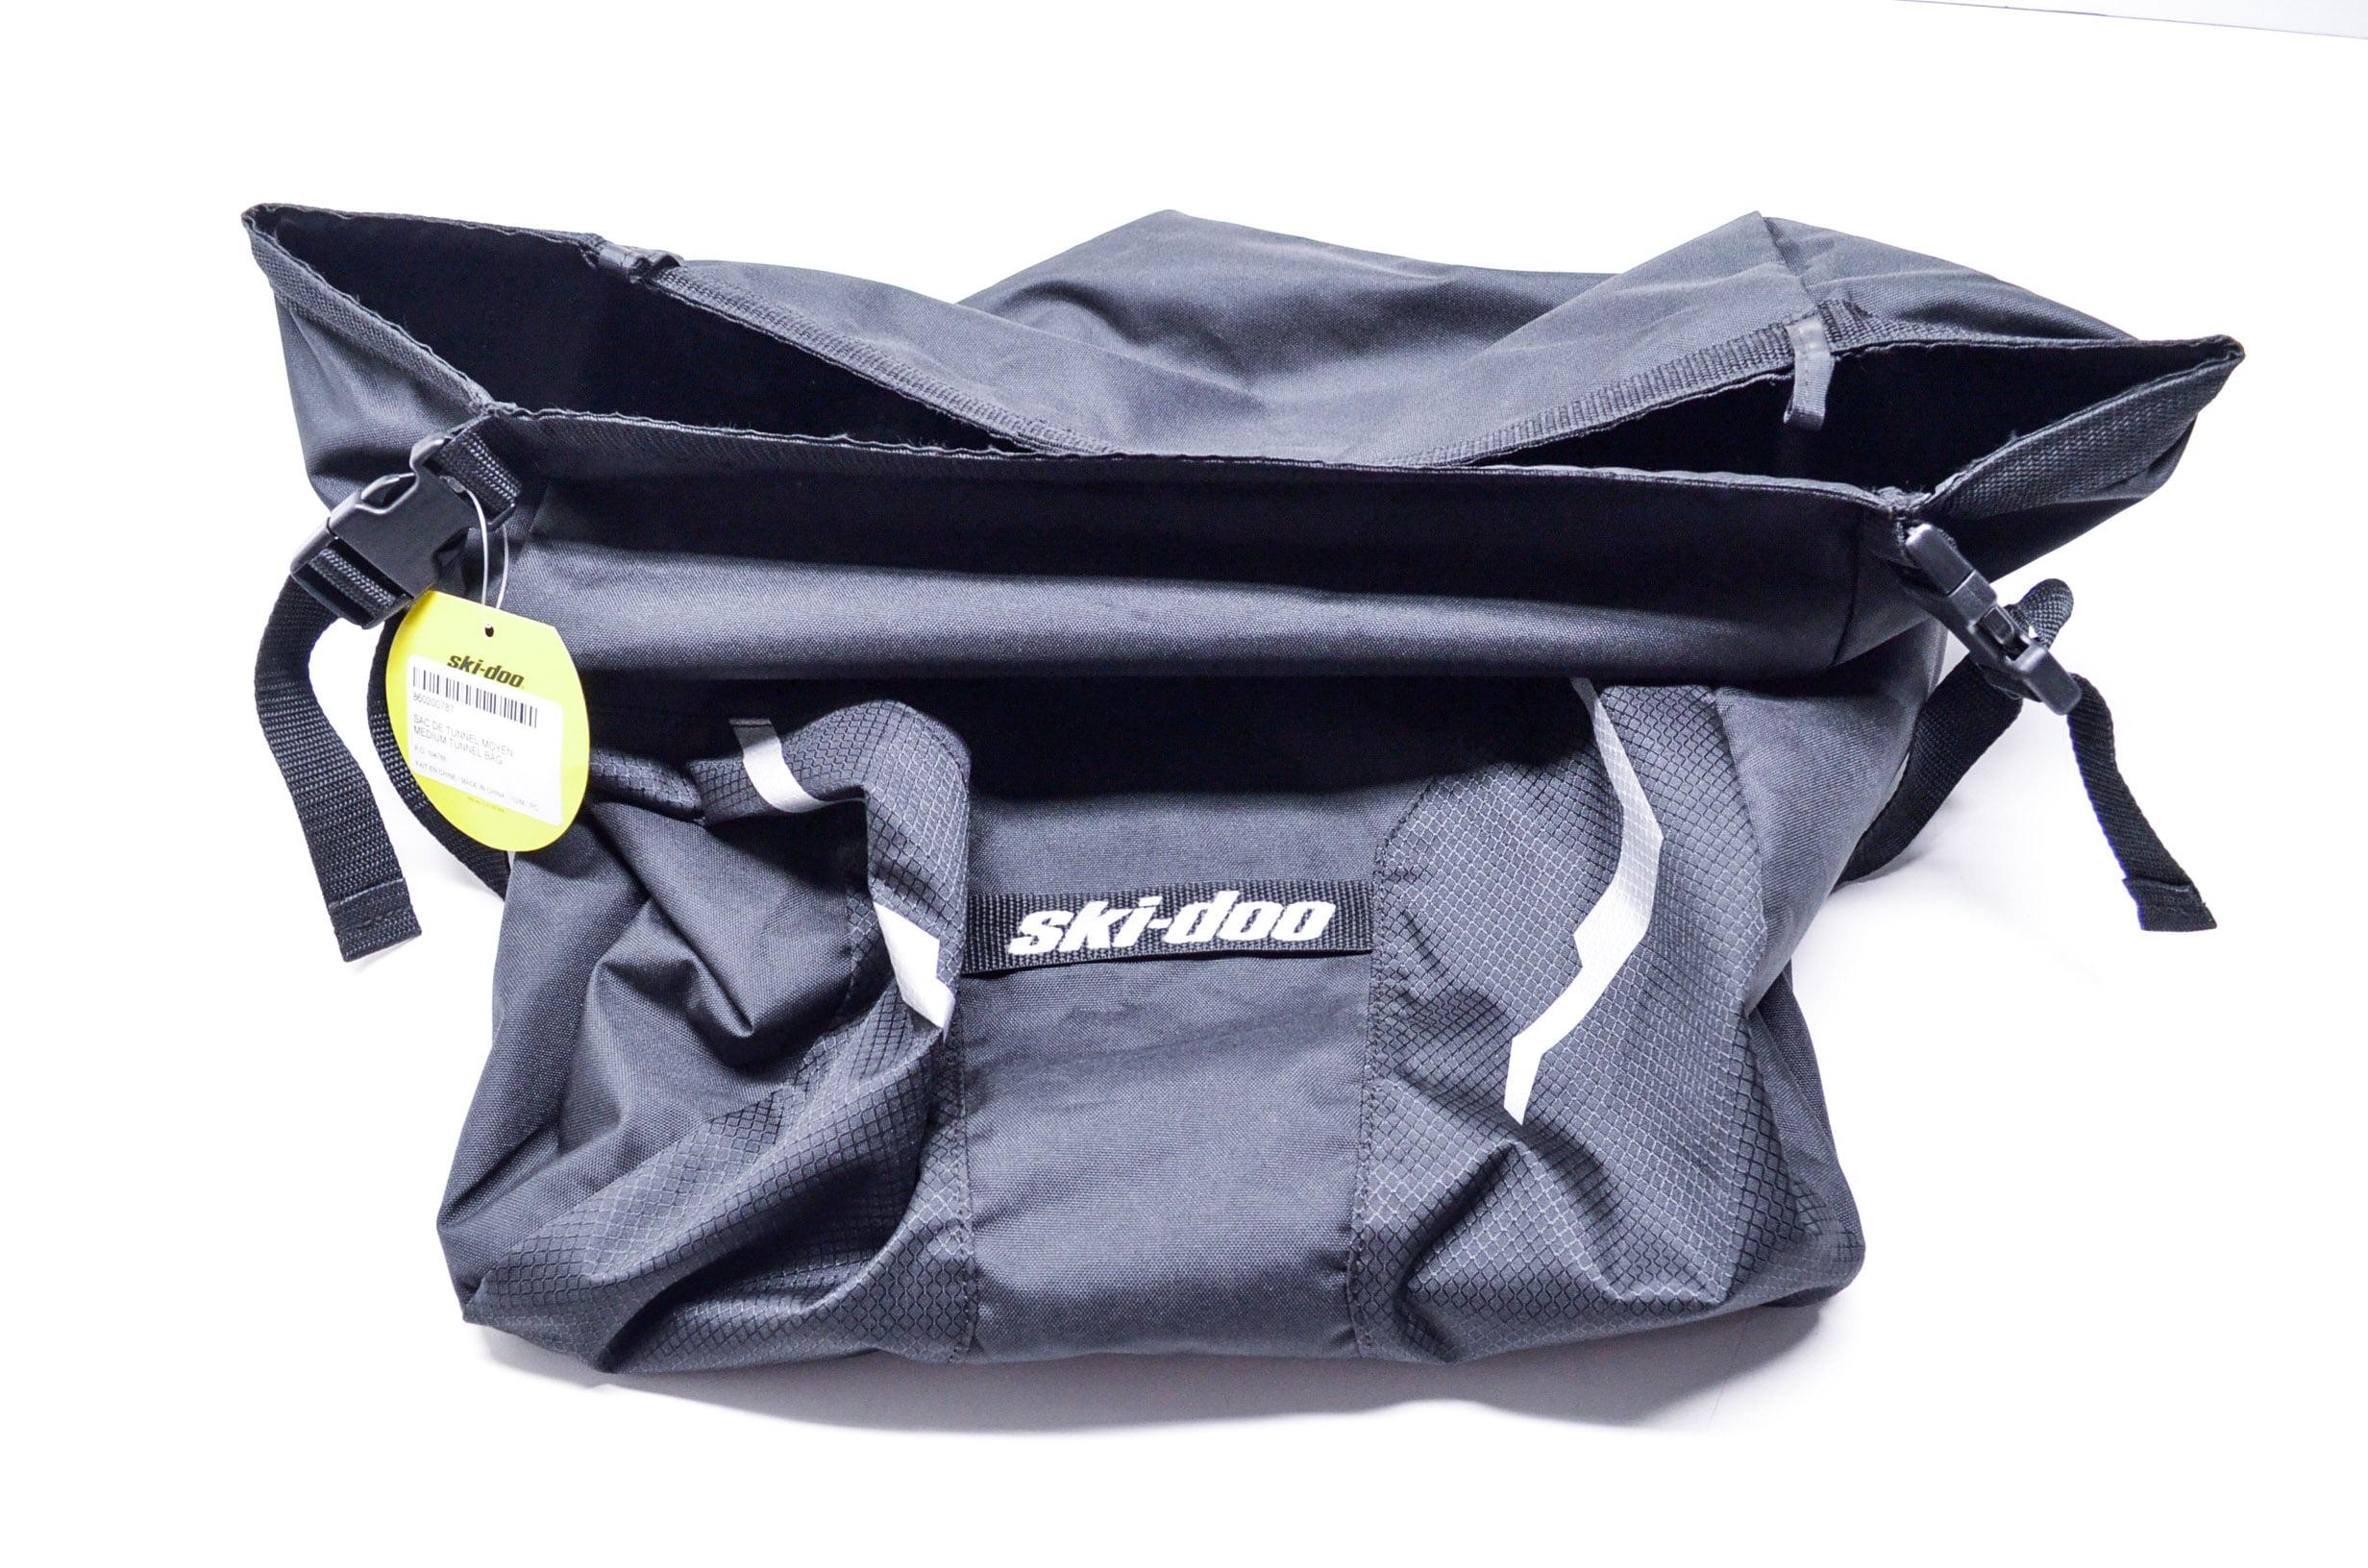 BRP, Can-Am, Sea-doo, Ski-Doo 860200787 BRP Black Medium Ski-Doo Tunnel Bag QTY 1 by BRP, Can-Am, Sea-doo, Ski-Doo